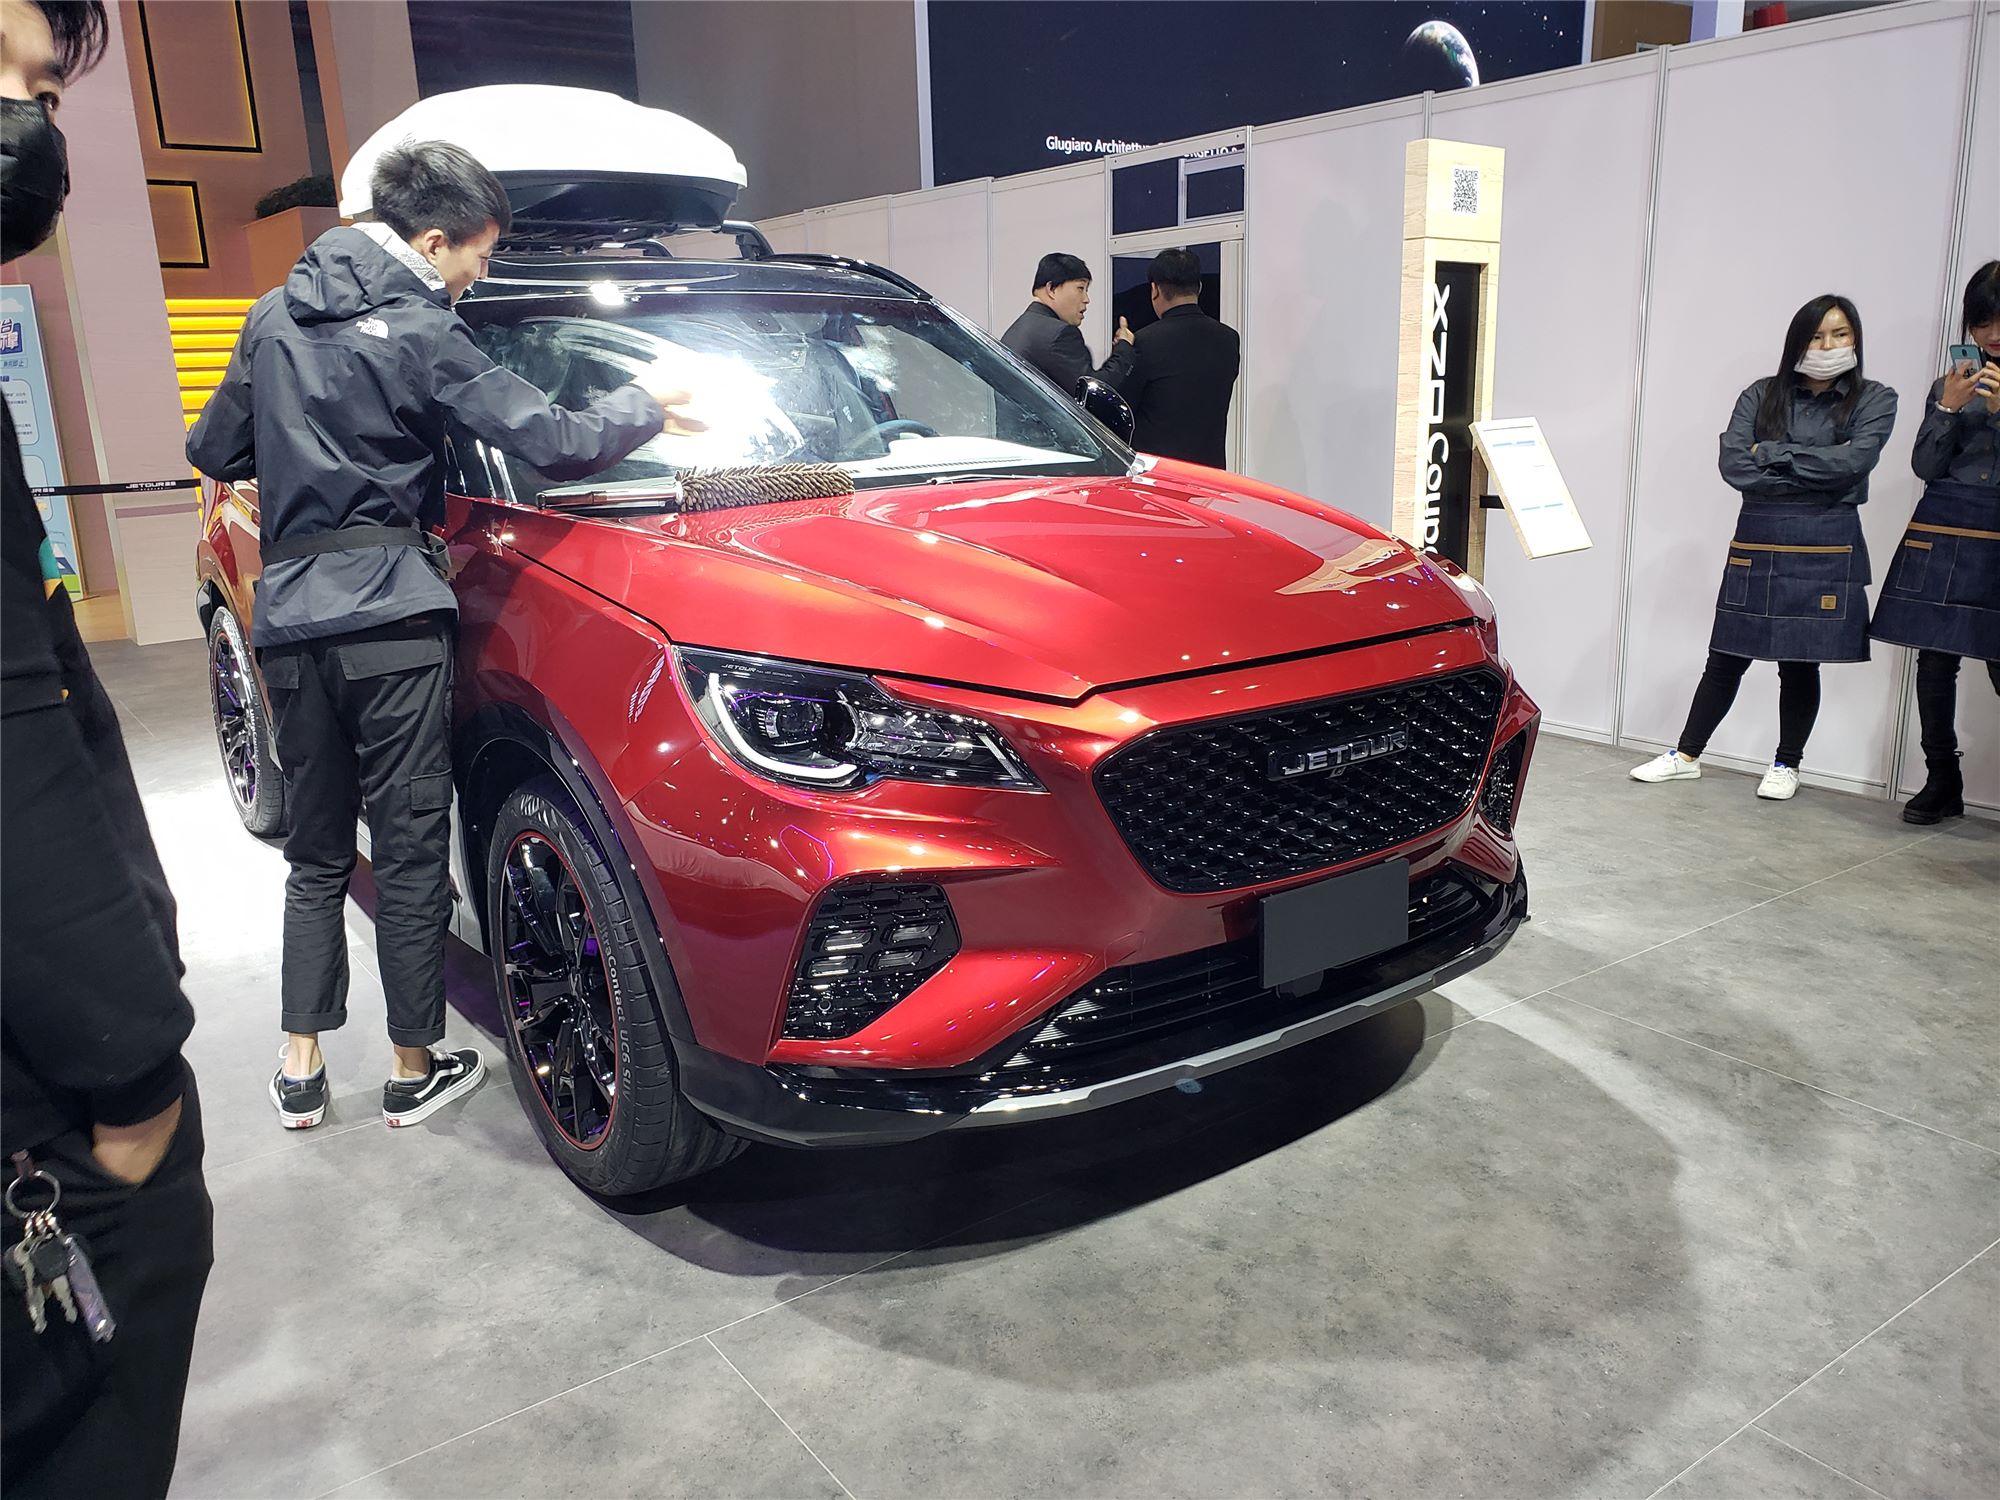 2019上海车展探馆采用双色车身设计 捷途X70 COUPE曝光